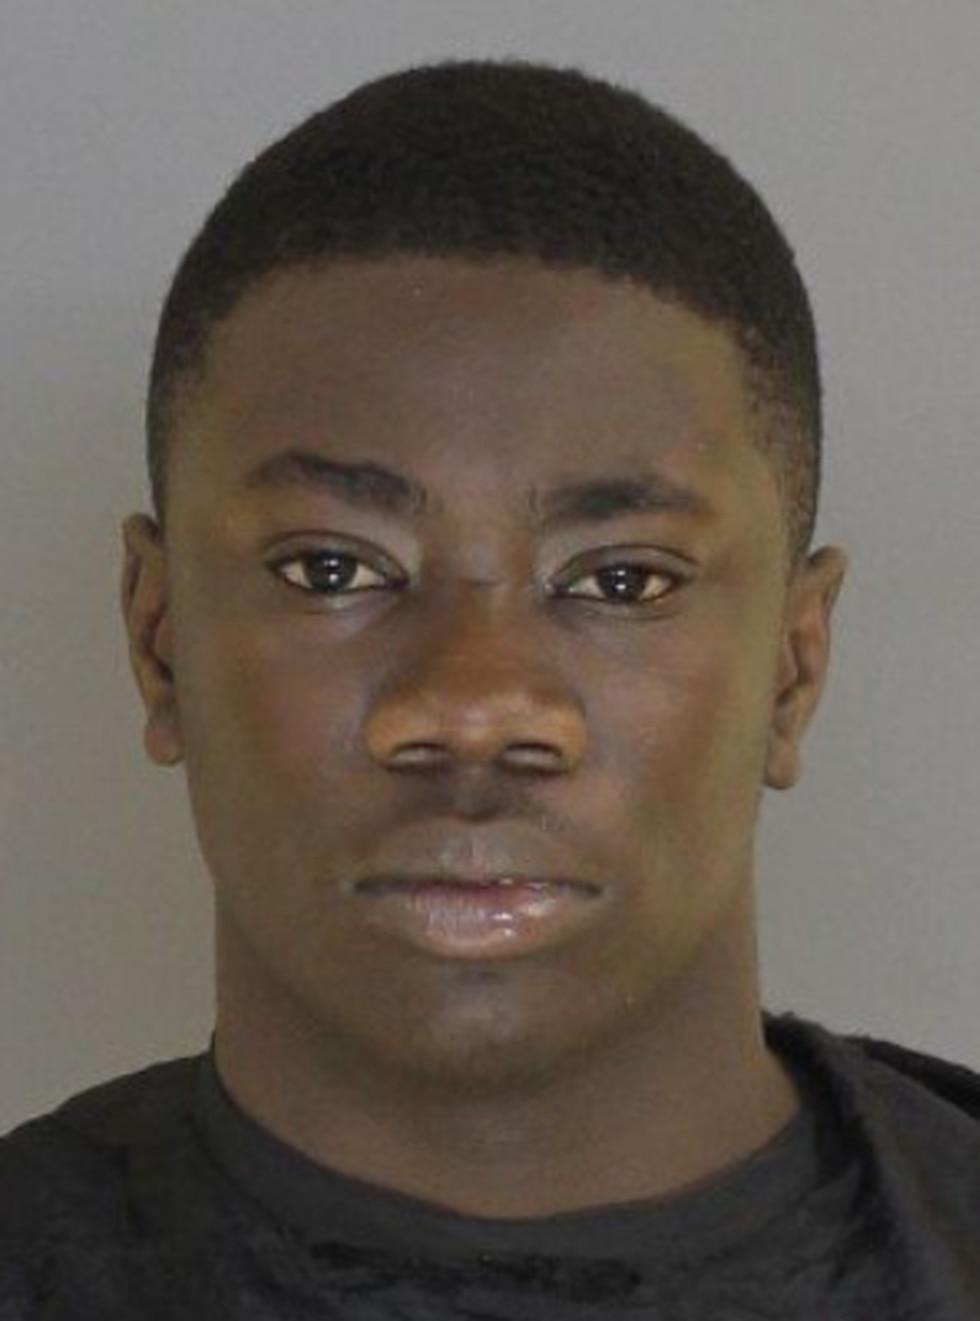 Devante Antonio Wilson (Source: Sumter Police Department)